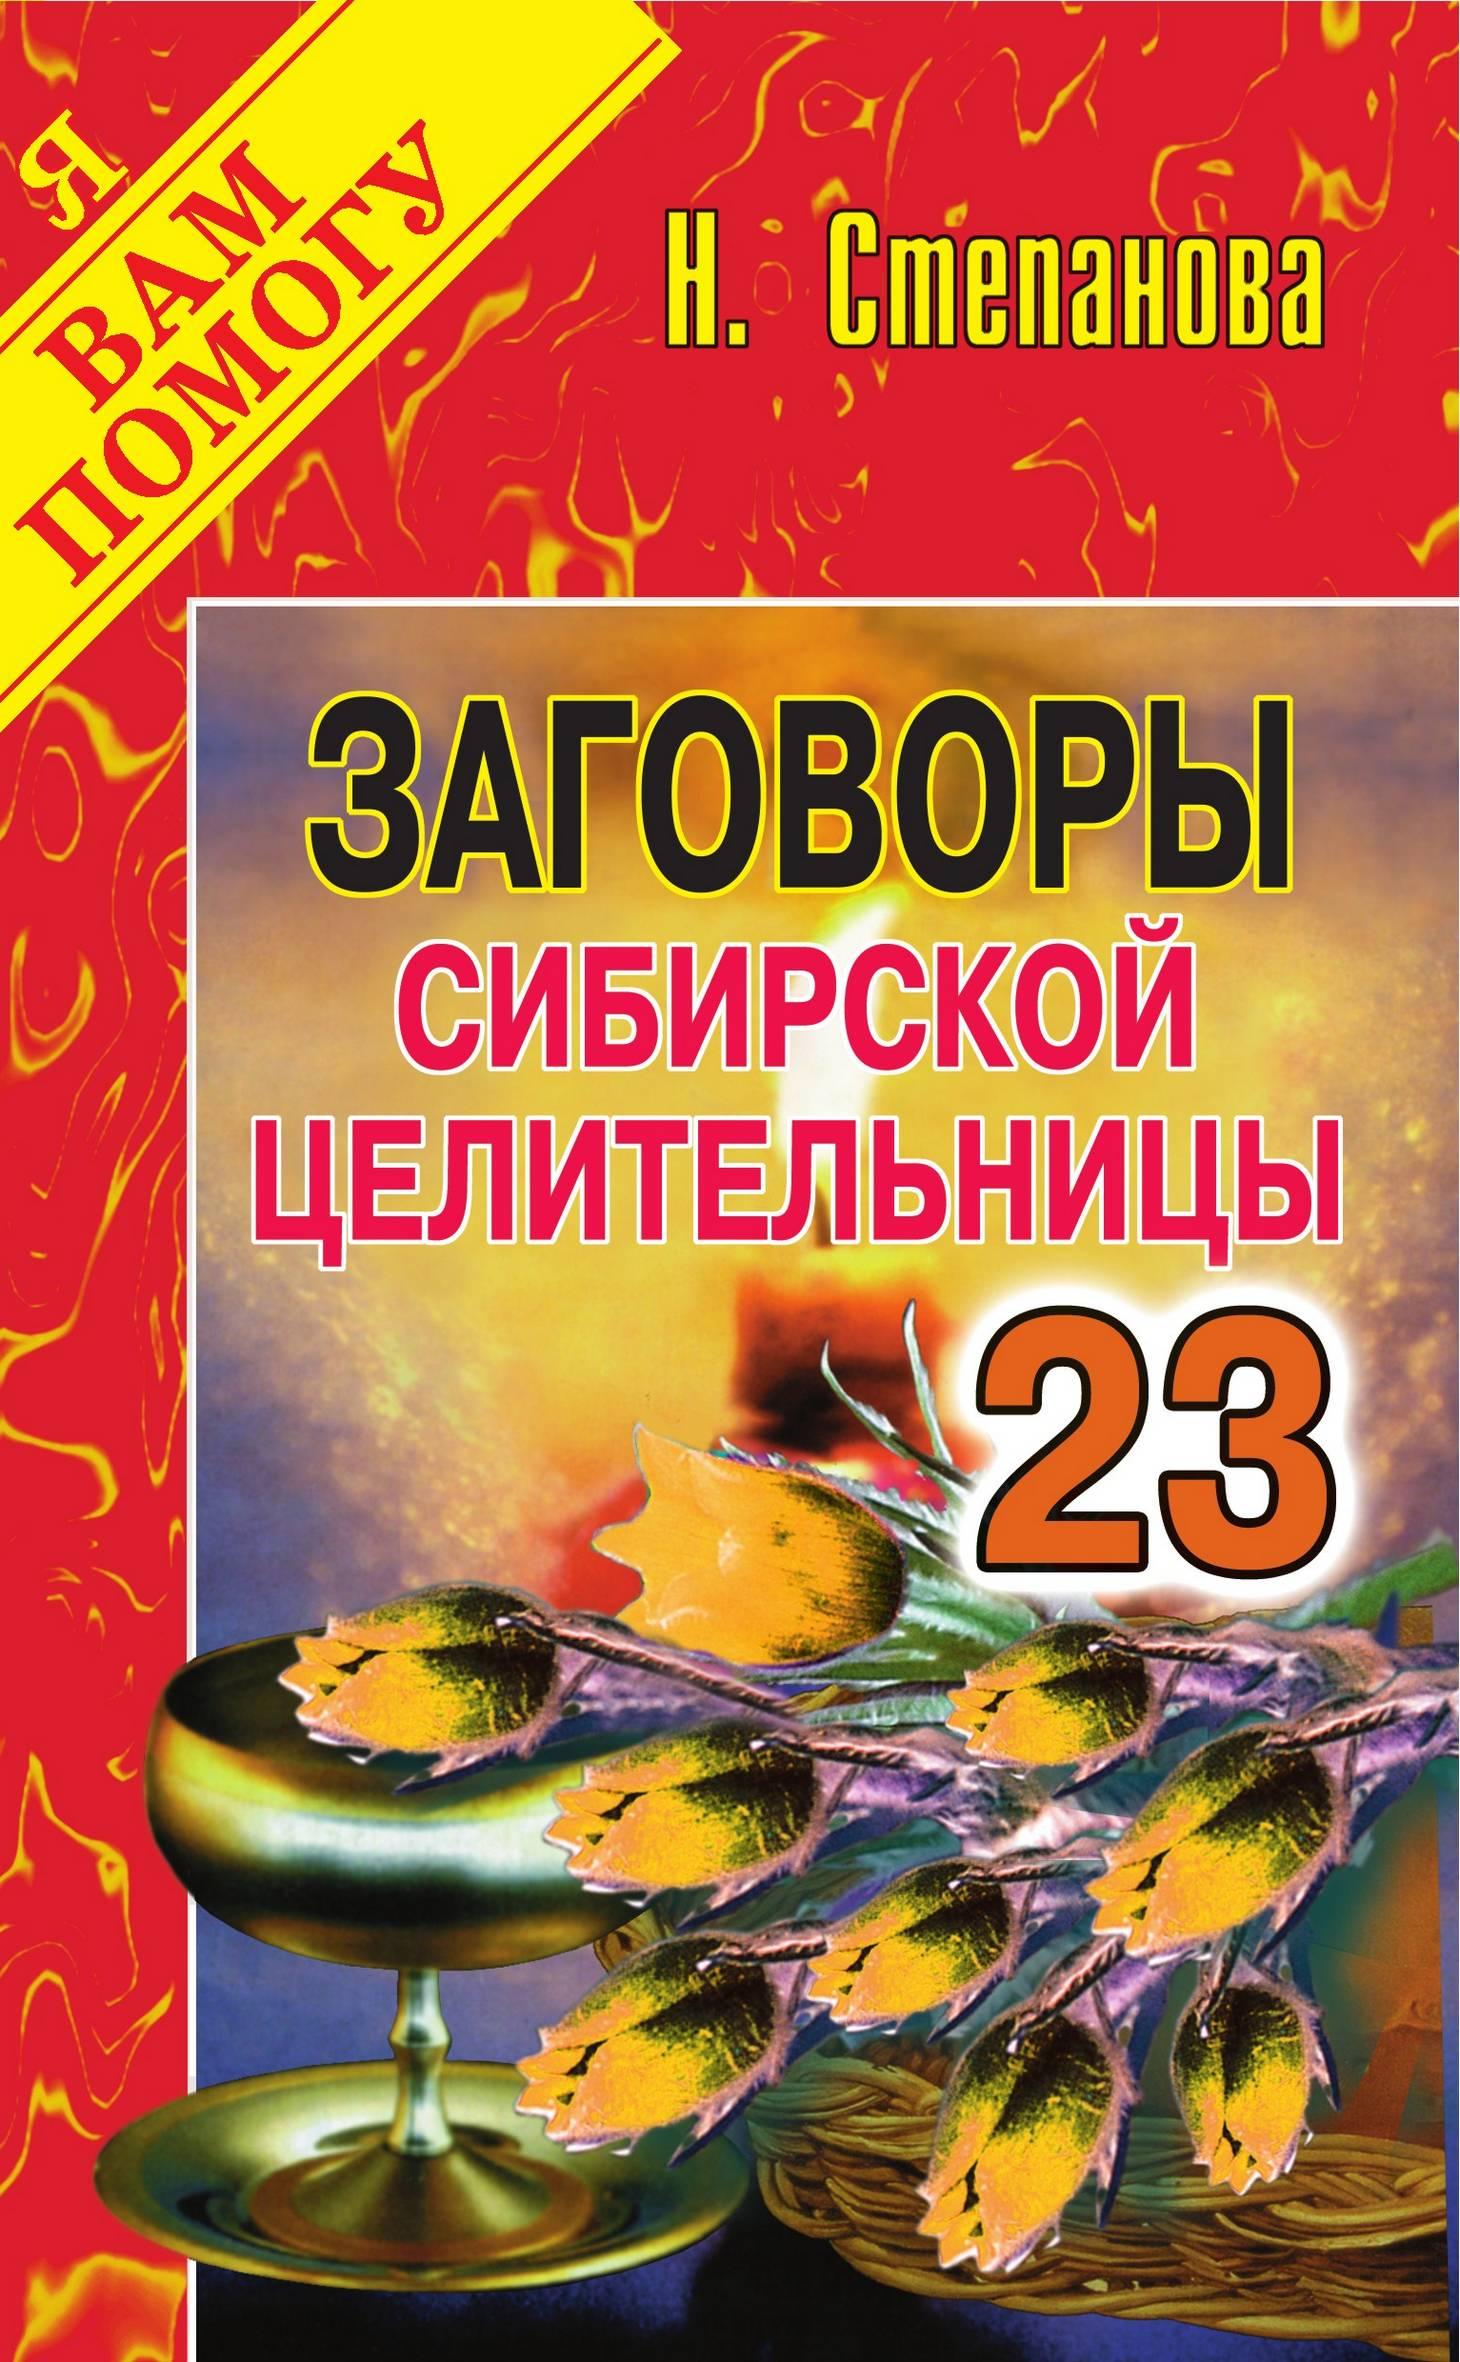 Читать книгу заговоры сибирской целительницы. выпуск 32 натальи степановой : онлайн чтение - страница 1